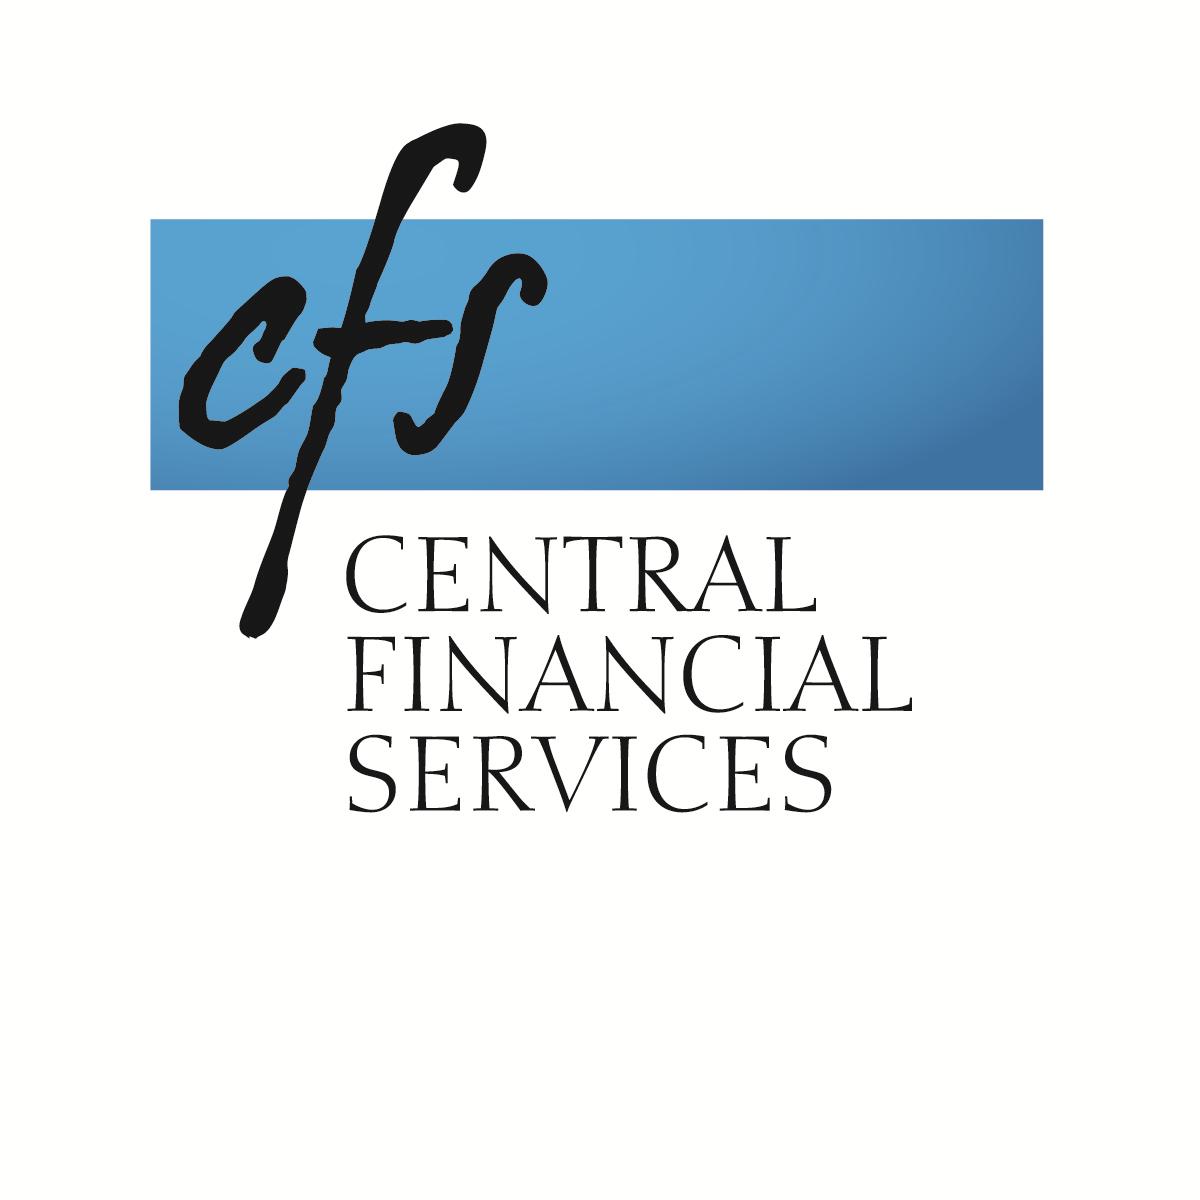 Central Financial Services announces awards